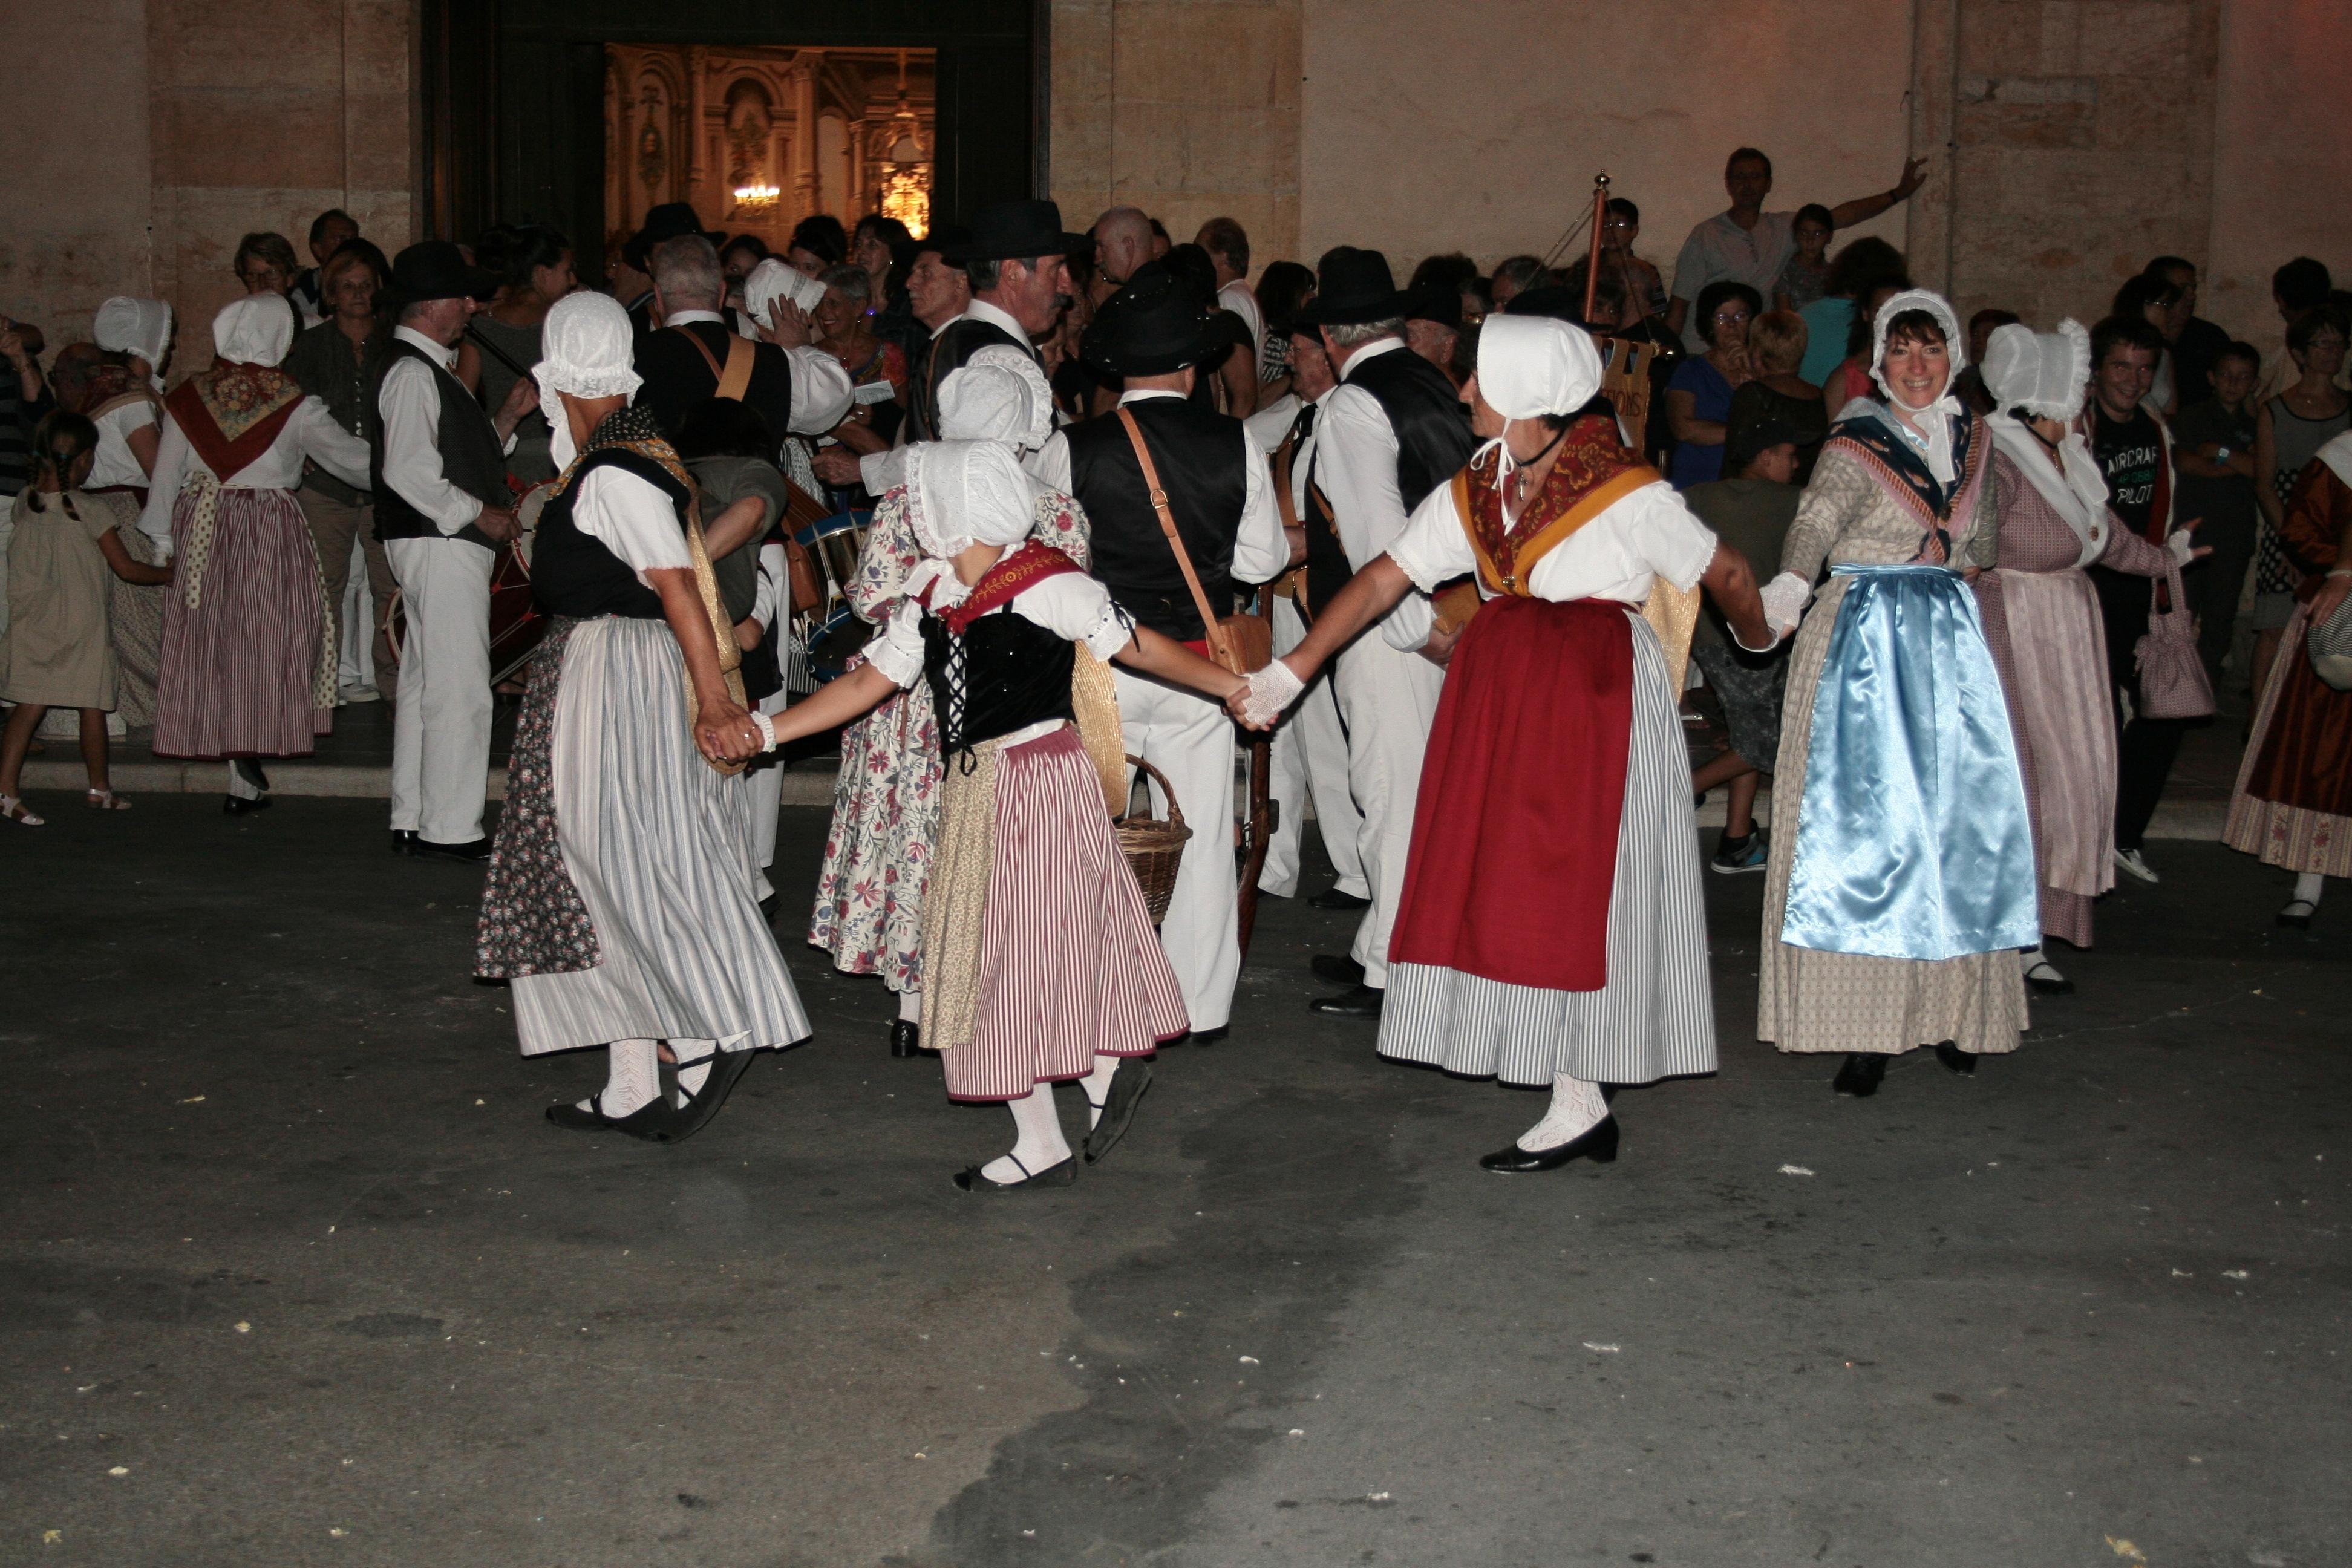 danse provençale